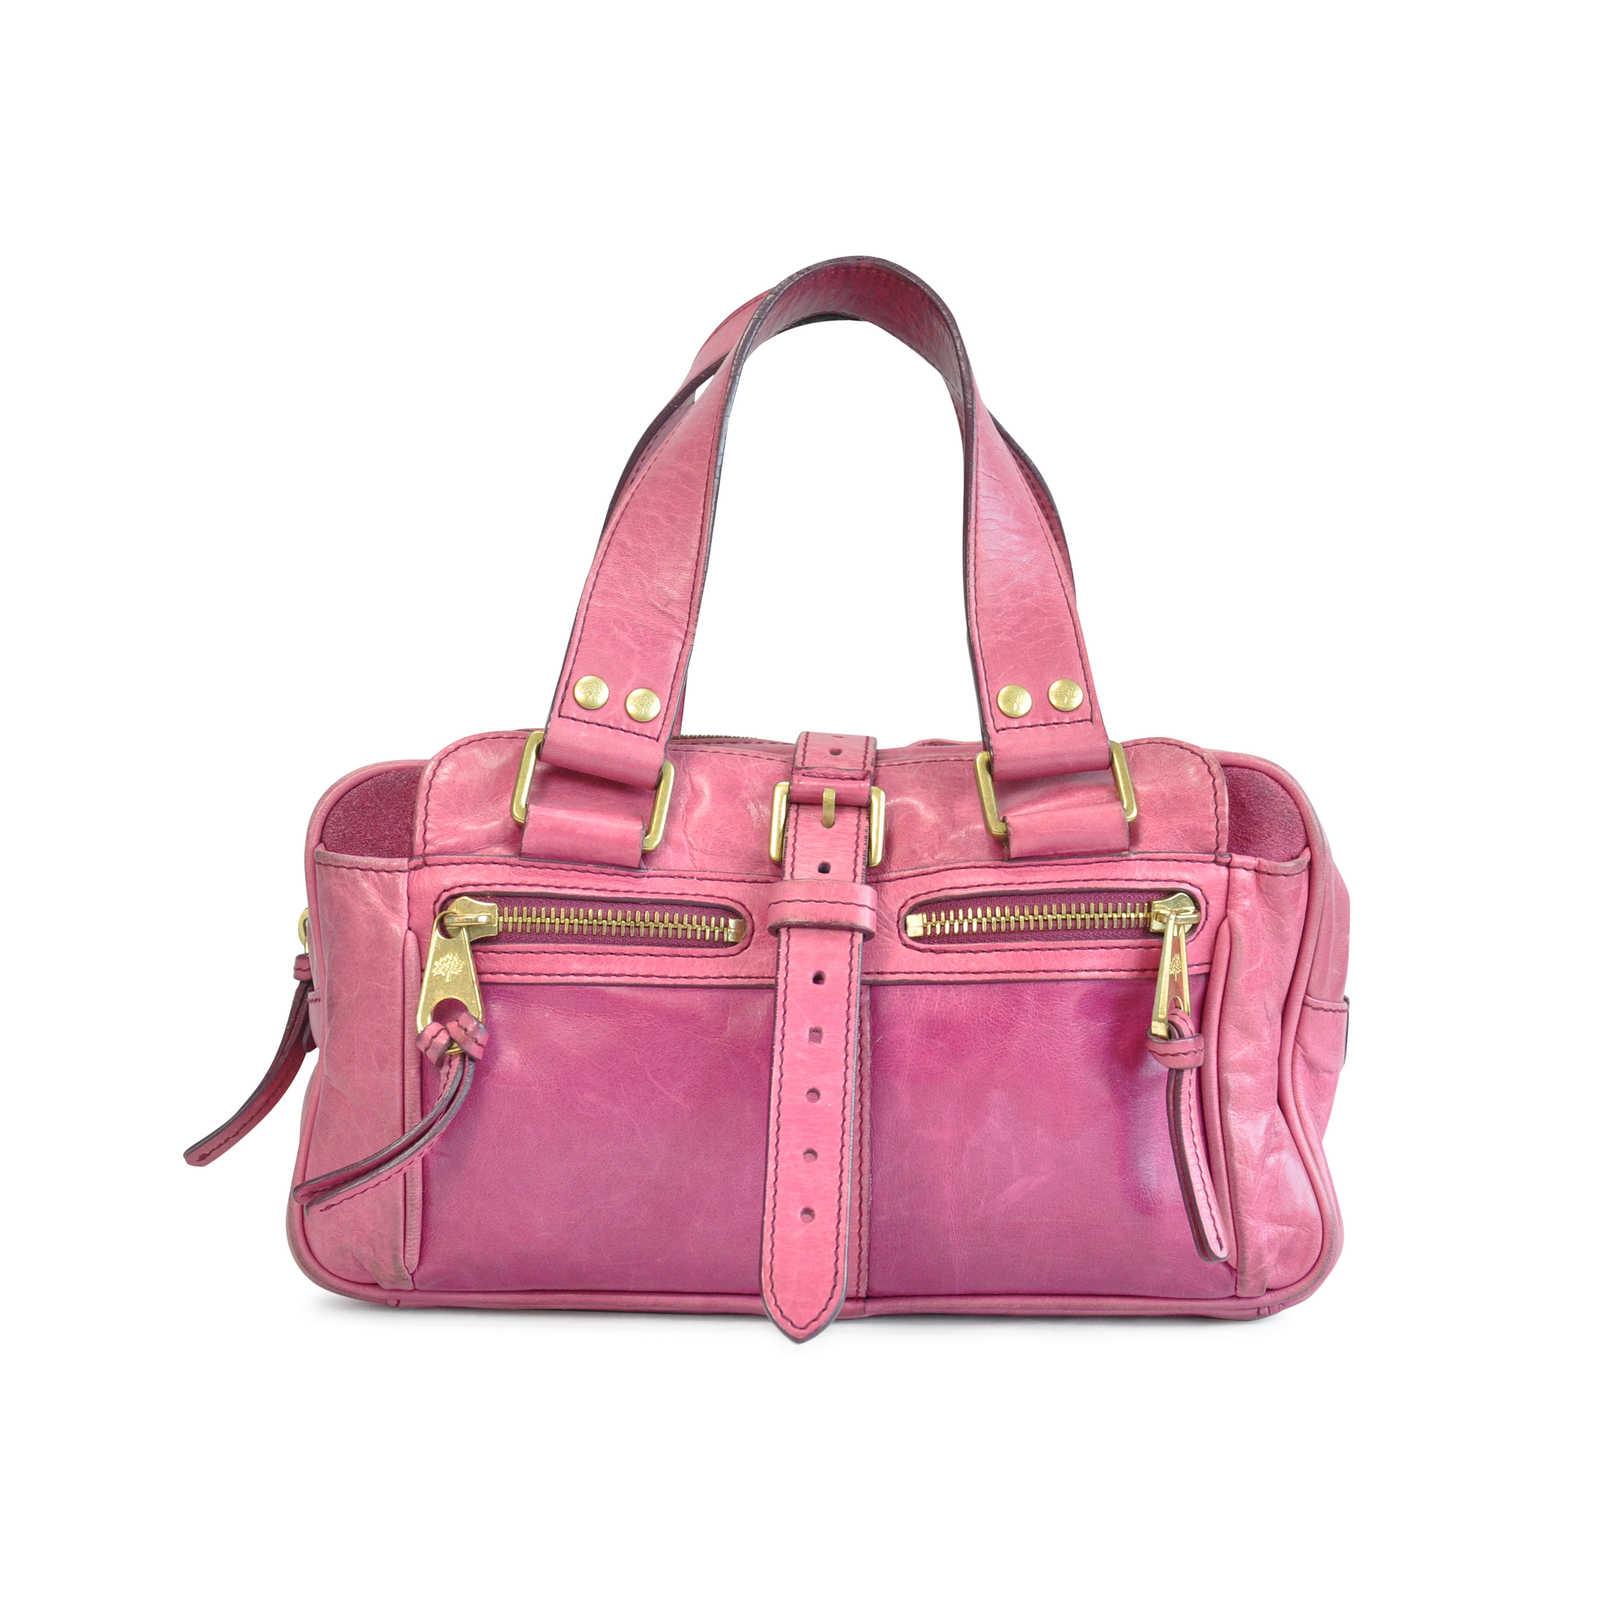 d47fe9e0b73d Authentic Second Hand Mulberry Zippered Handbag (PSS-124-00010) - Thumbnail  0 ...